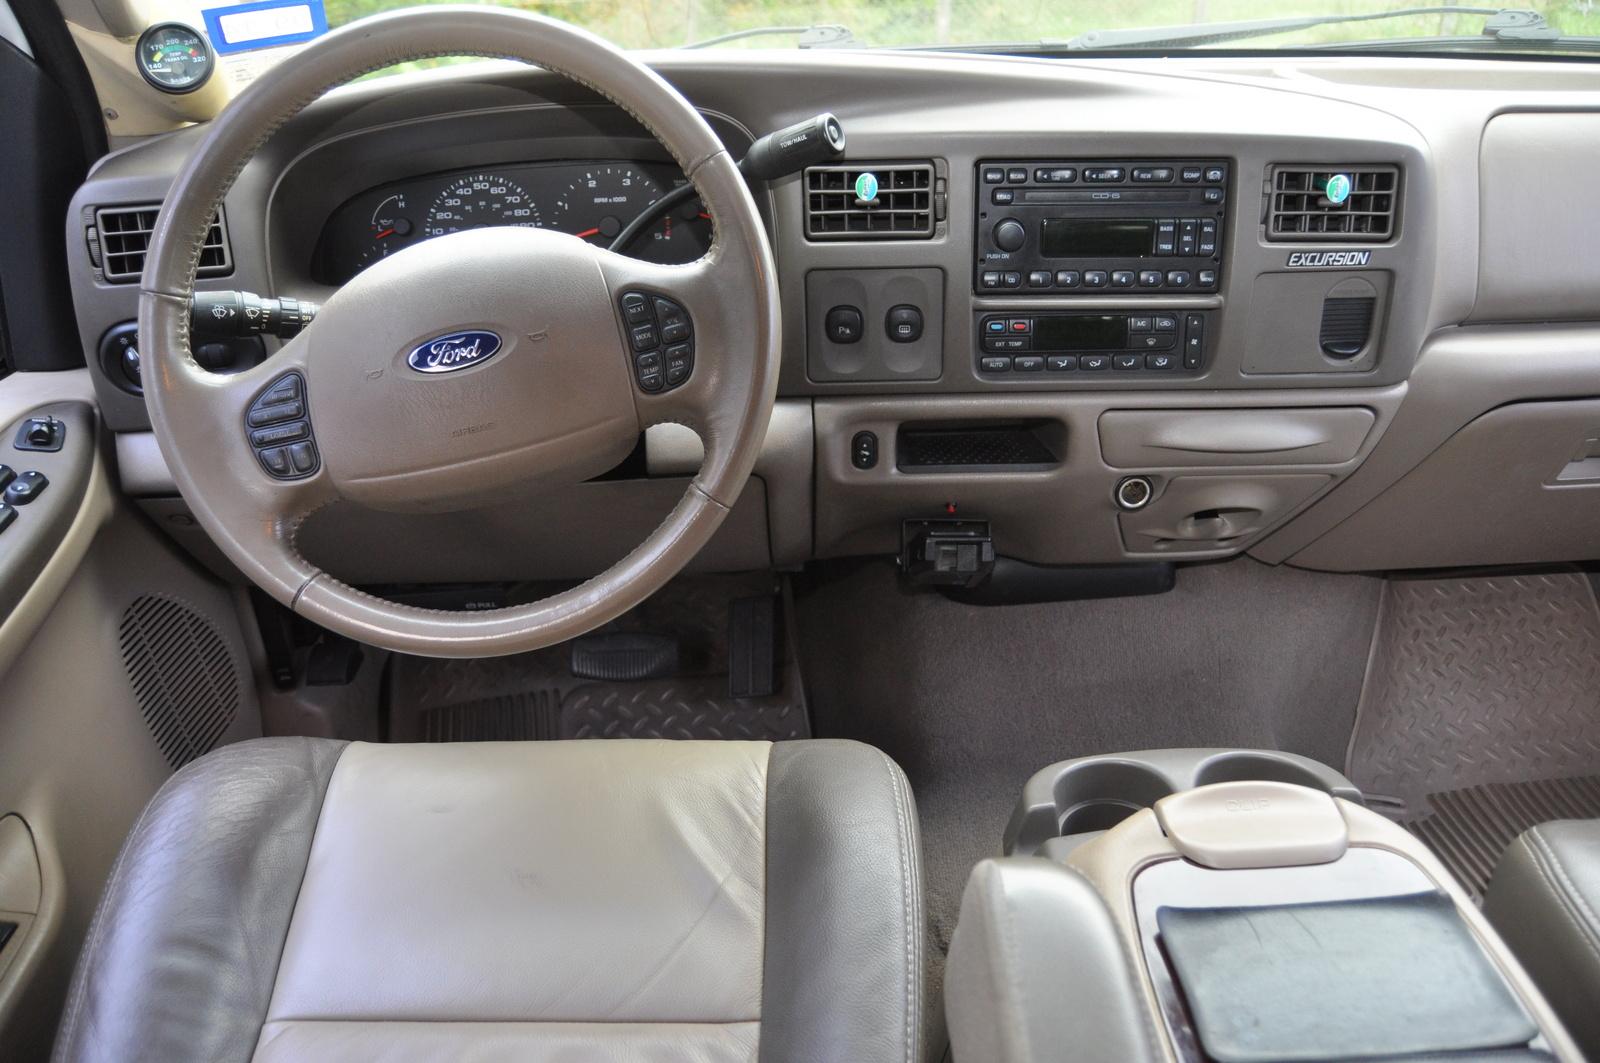 2004 Ford Excursion Interior Photos